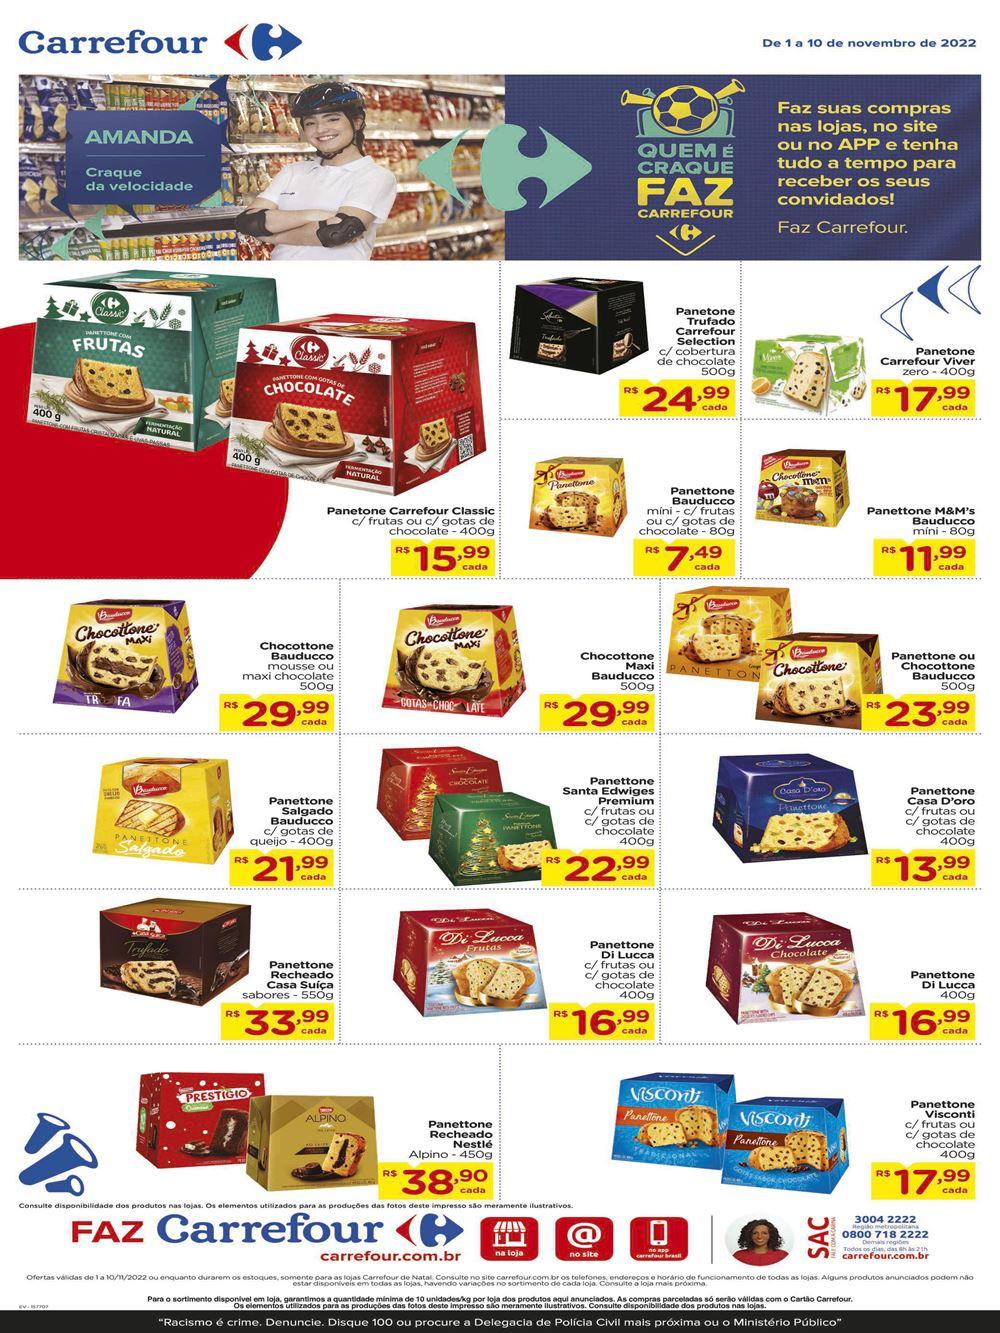 carrefour-ofertas-descontos-hoje8-24 Black Friday Ofertas do Carrefour